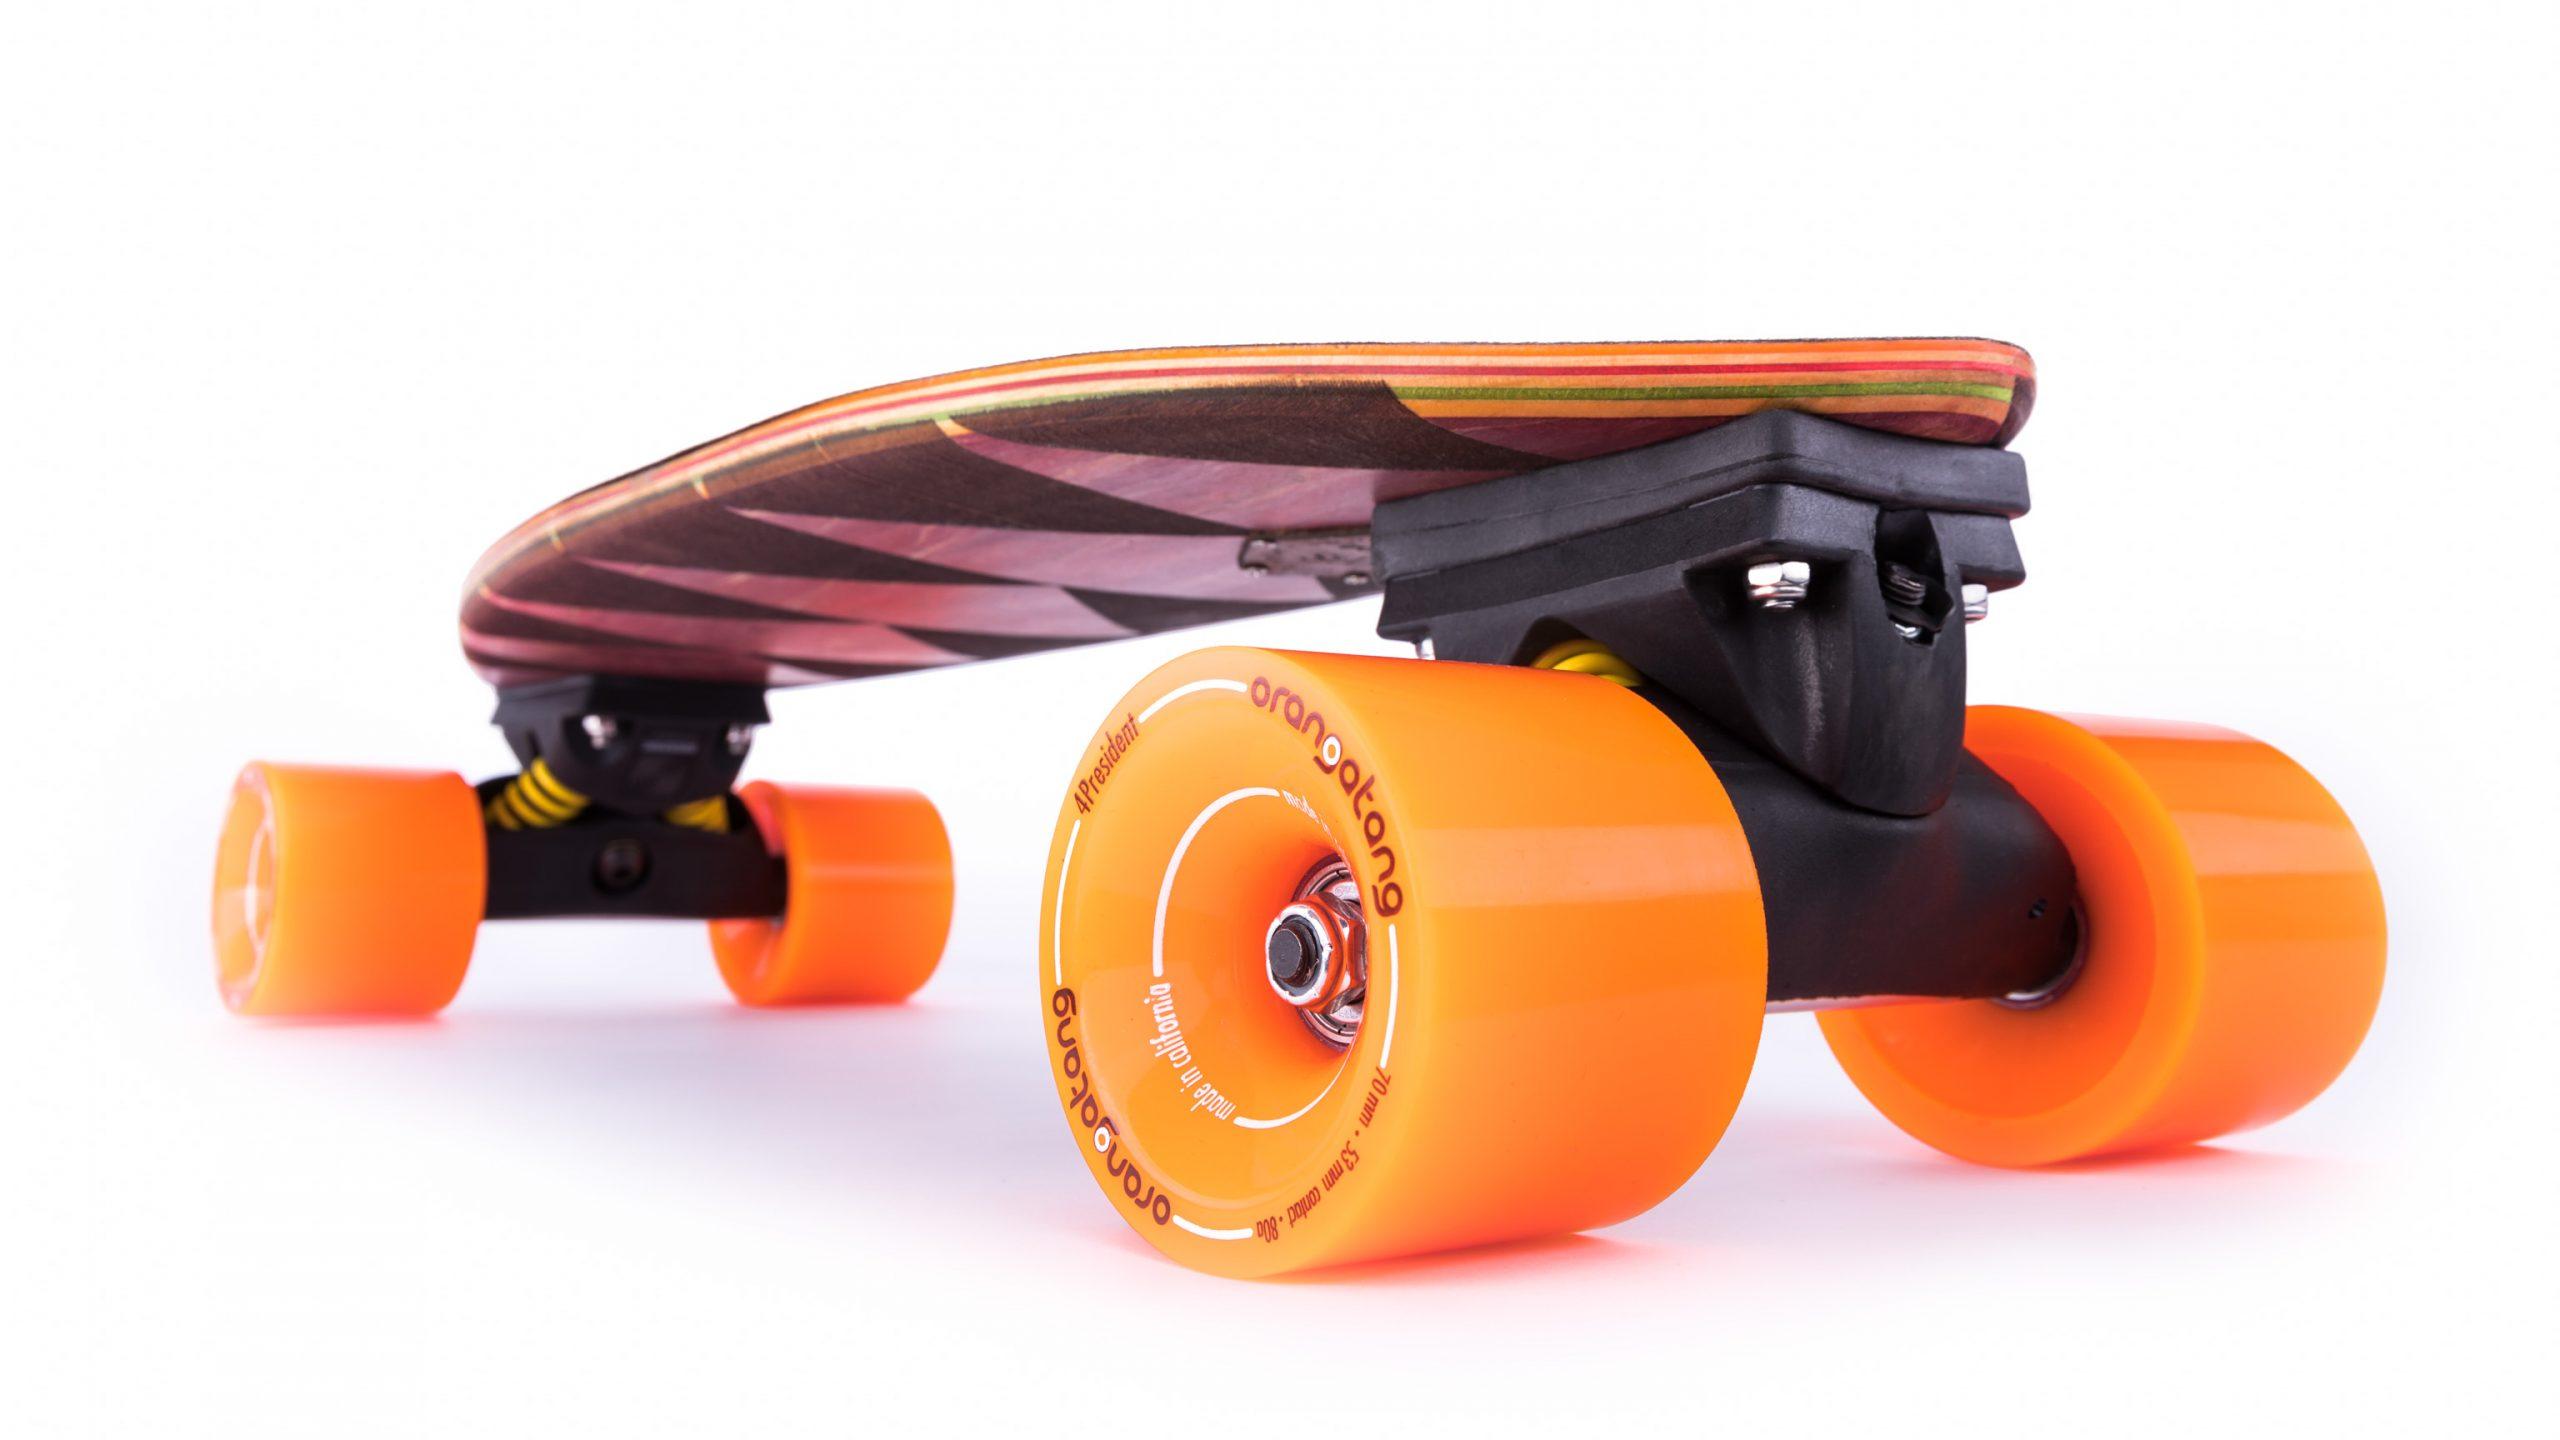 Short-Deck Skateboard Produktphoto mit Orangatang Wheels Rollen von unten vor weiß